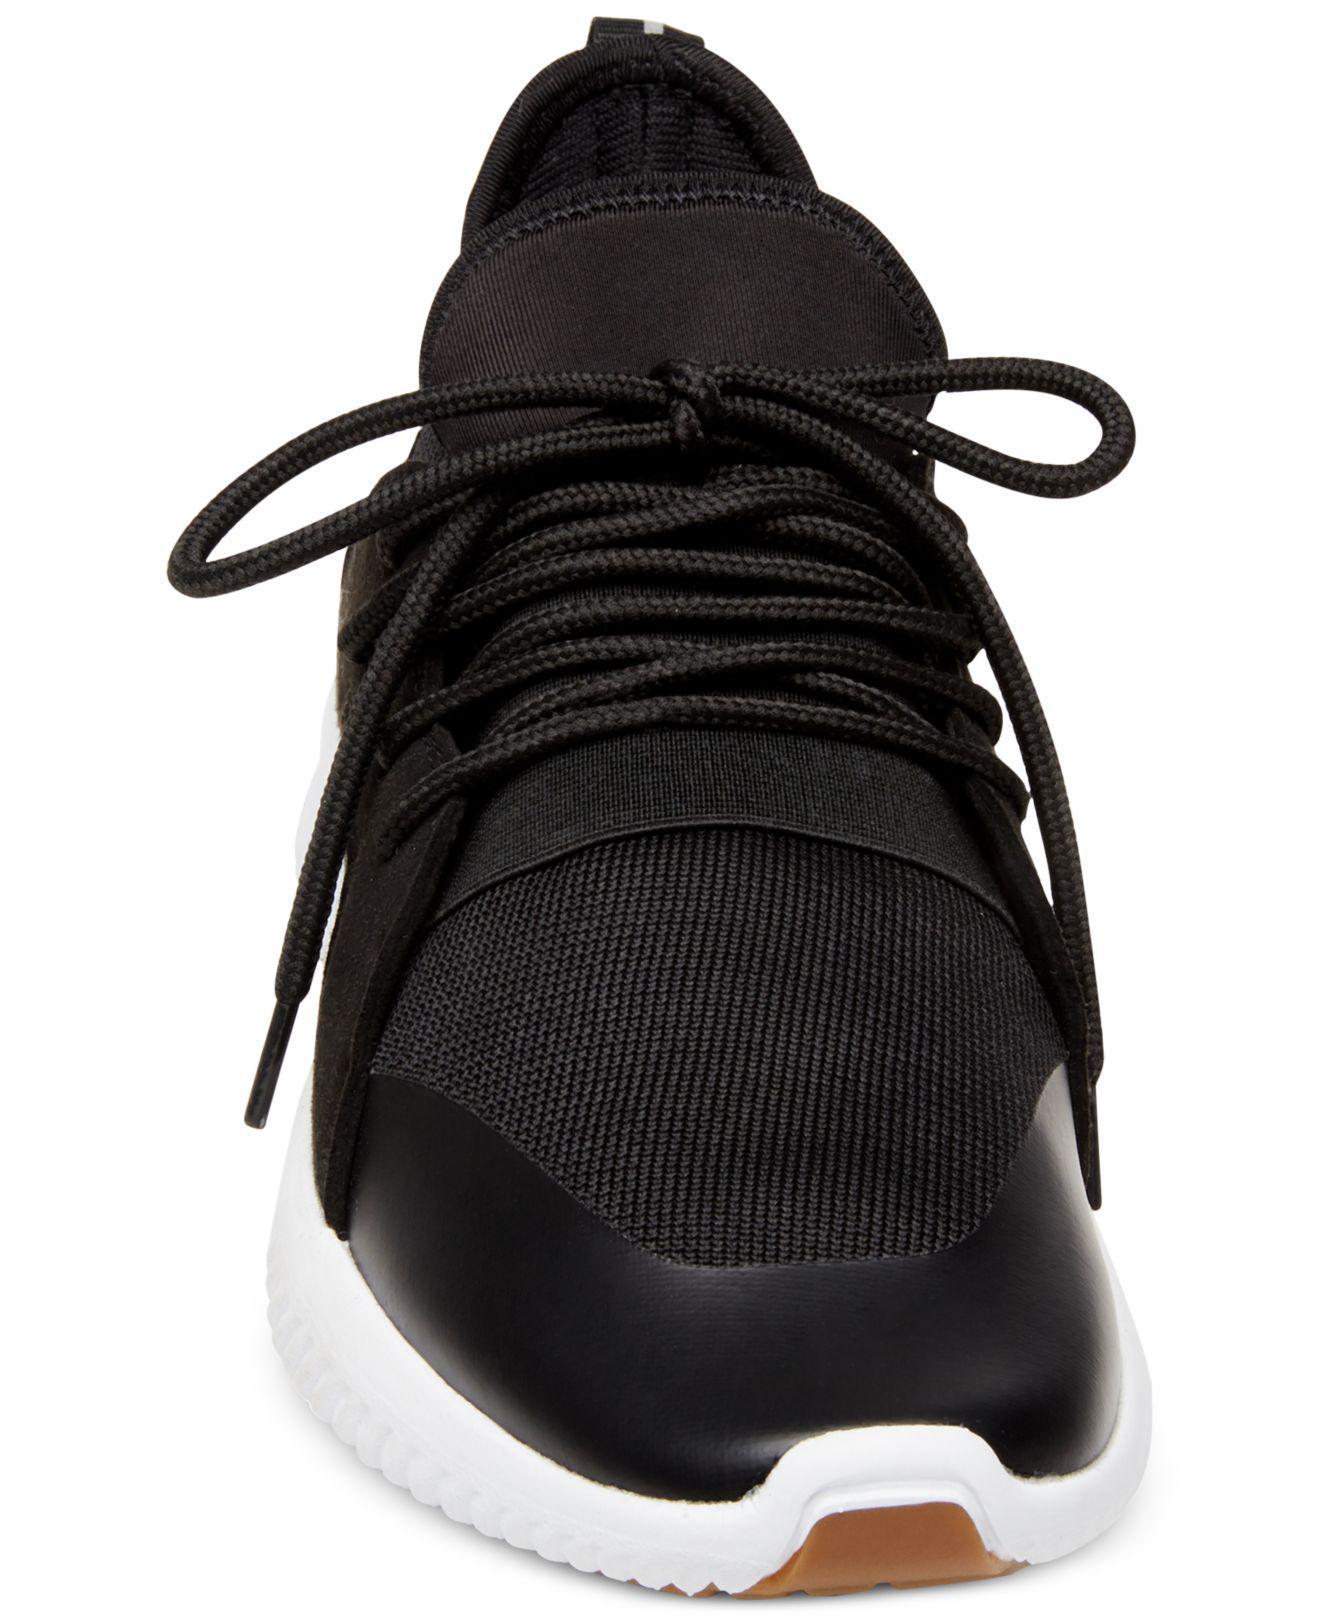 Steve Madden Suede Getcha Sneakers in